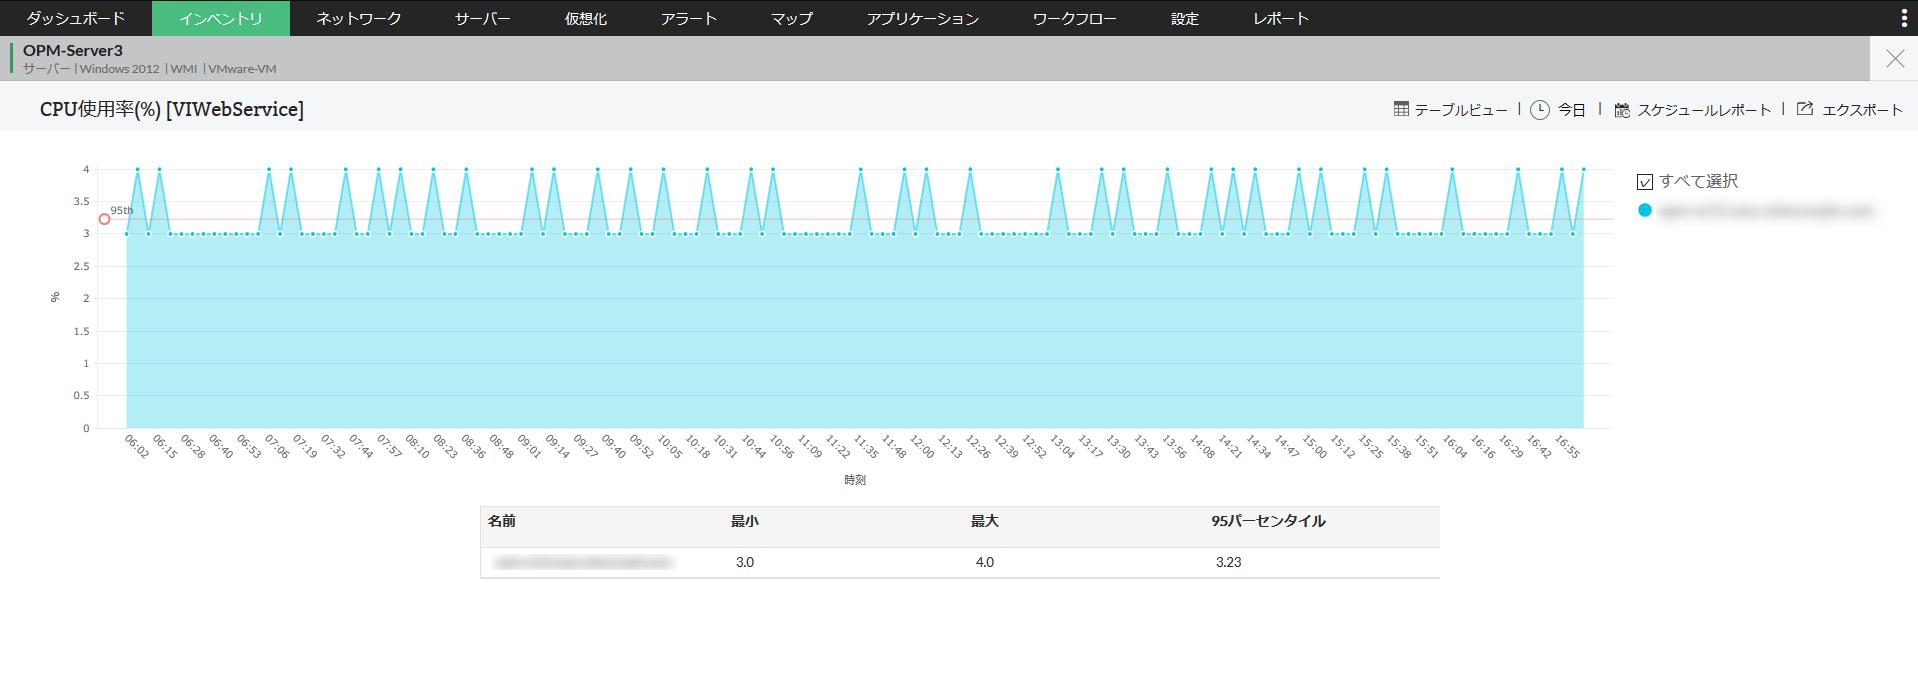 CPU使用率 時系列グラフ